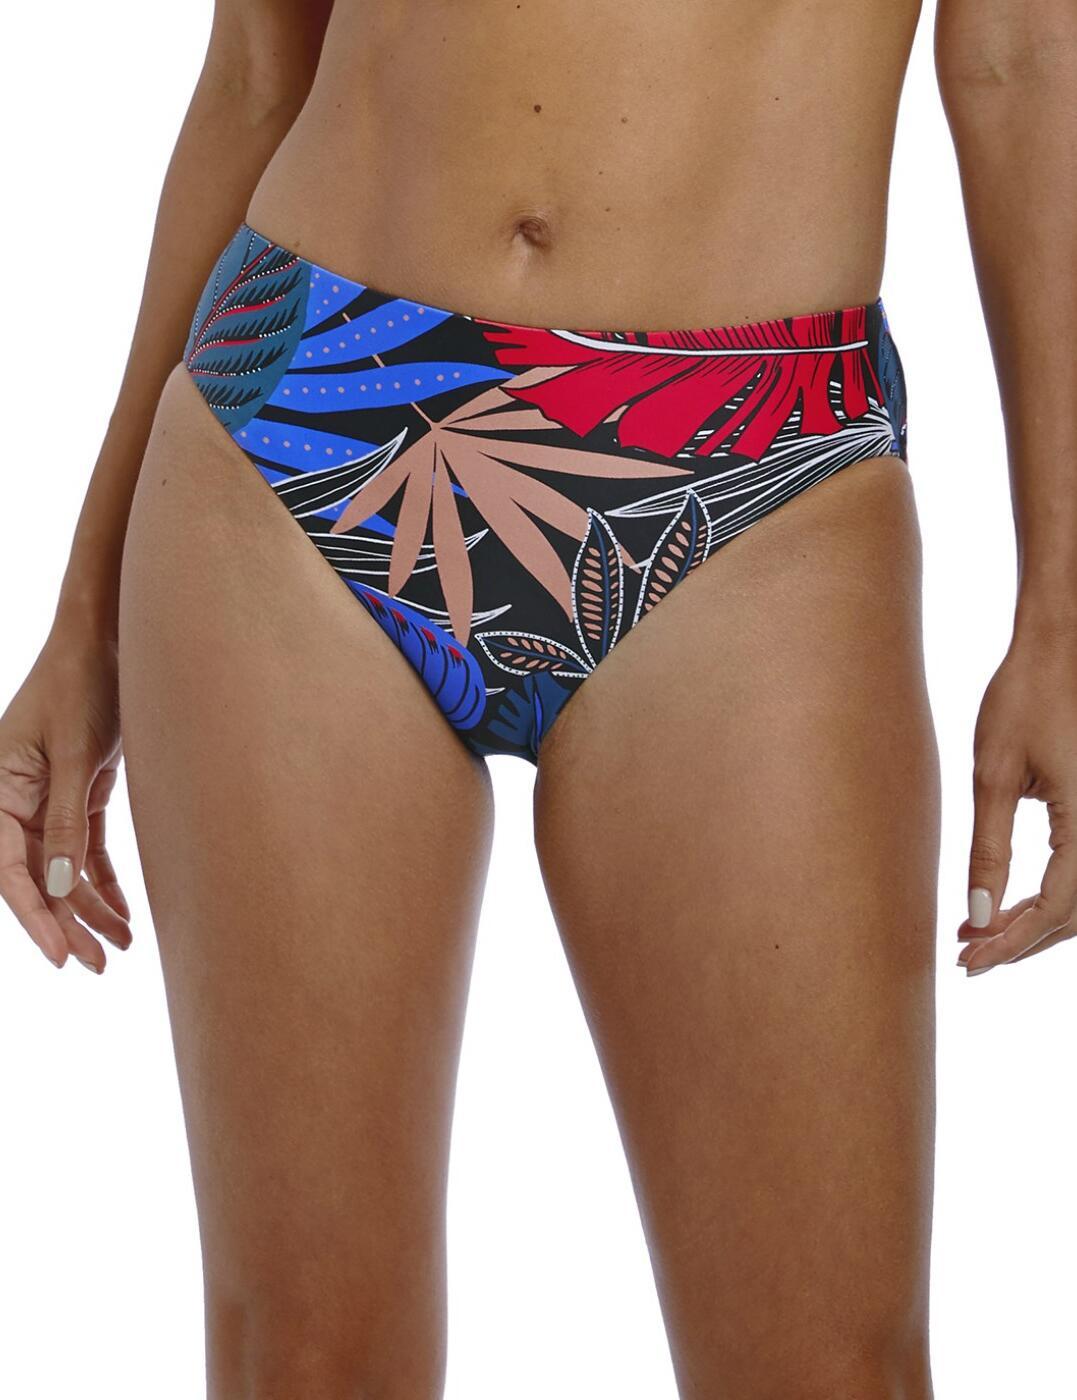 6625 Fantasie Monte Cristi Mid Rise Bikini Brief - 6625 Multi